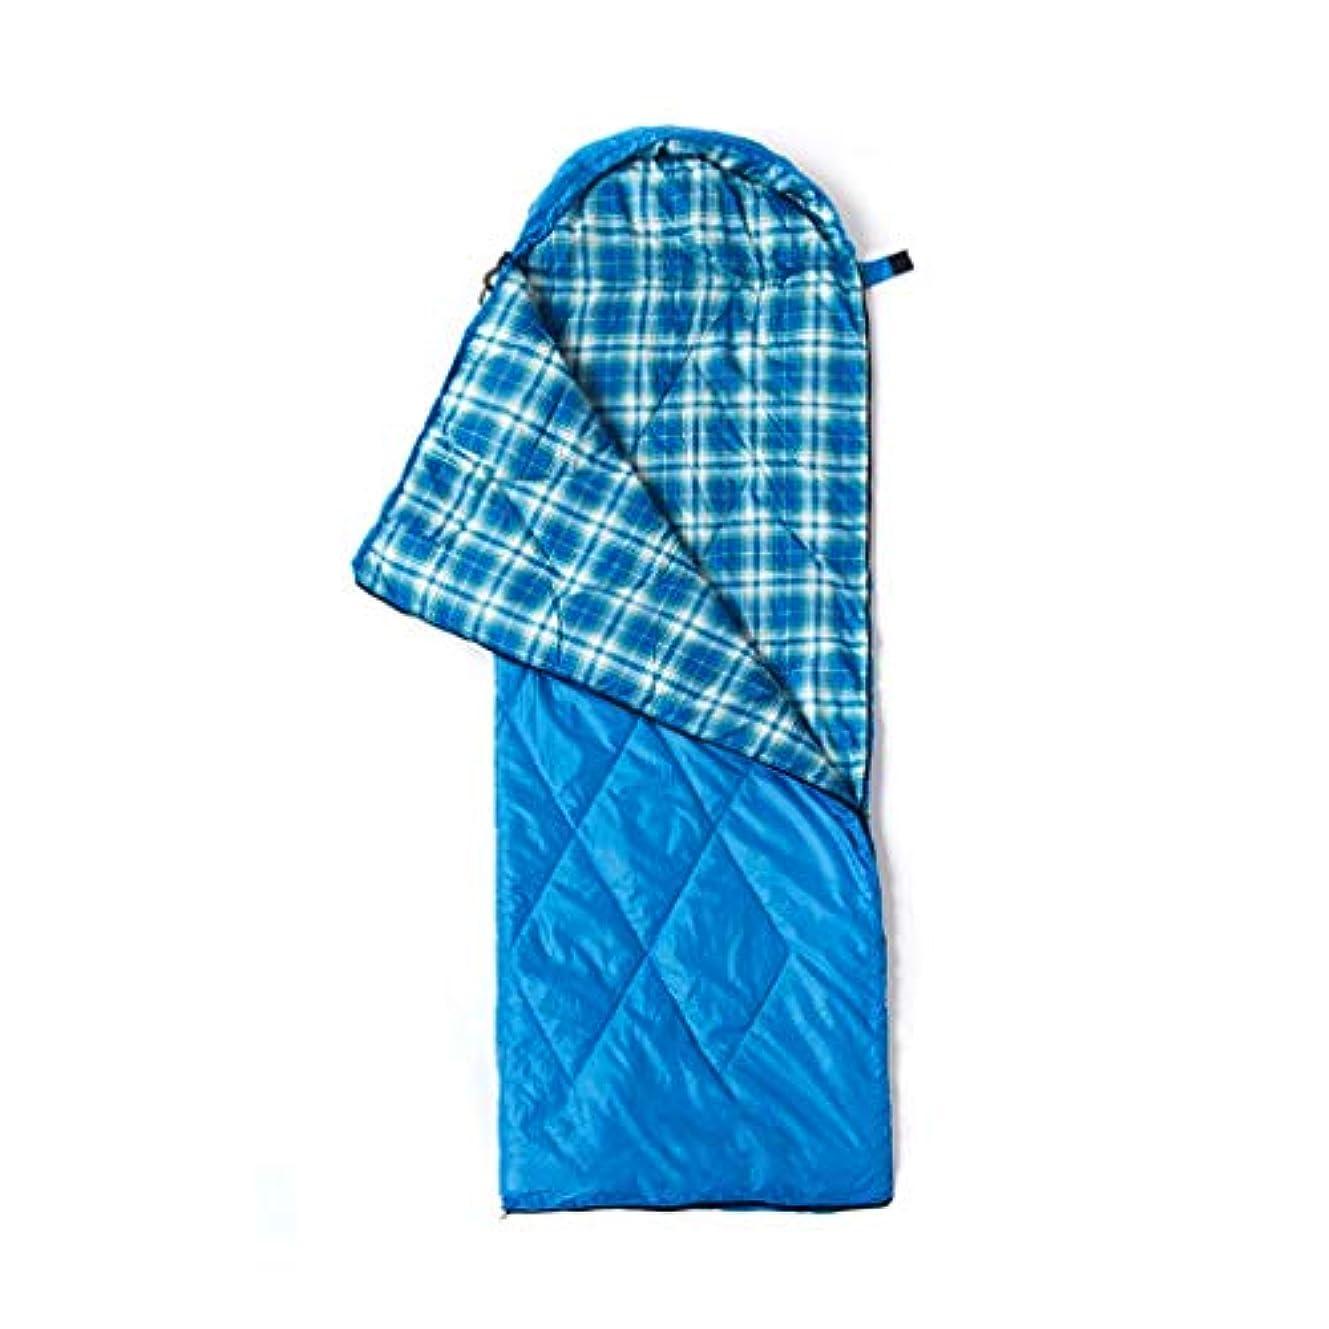 早い深遠ジャグリングLCSHAN 寝袋ポリエステルキャンプ旅行モイスチャープルーフ厚いウォームダウンコットン (容量 : A, 色 : 青)